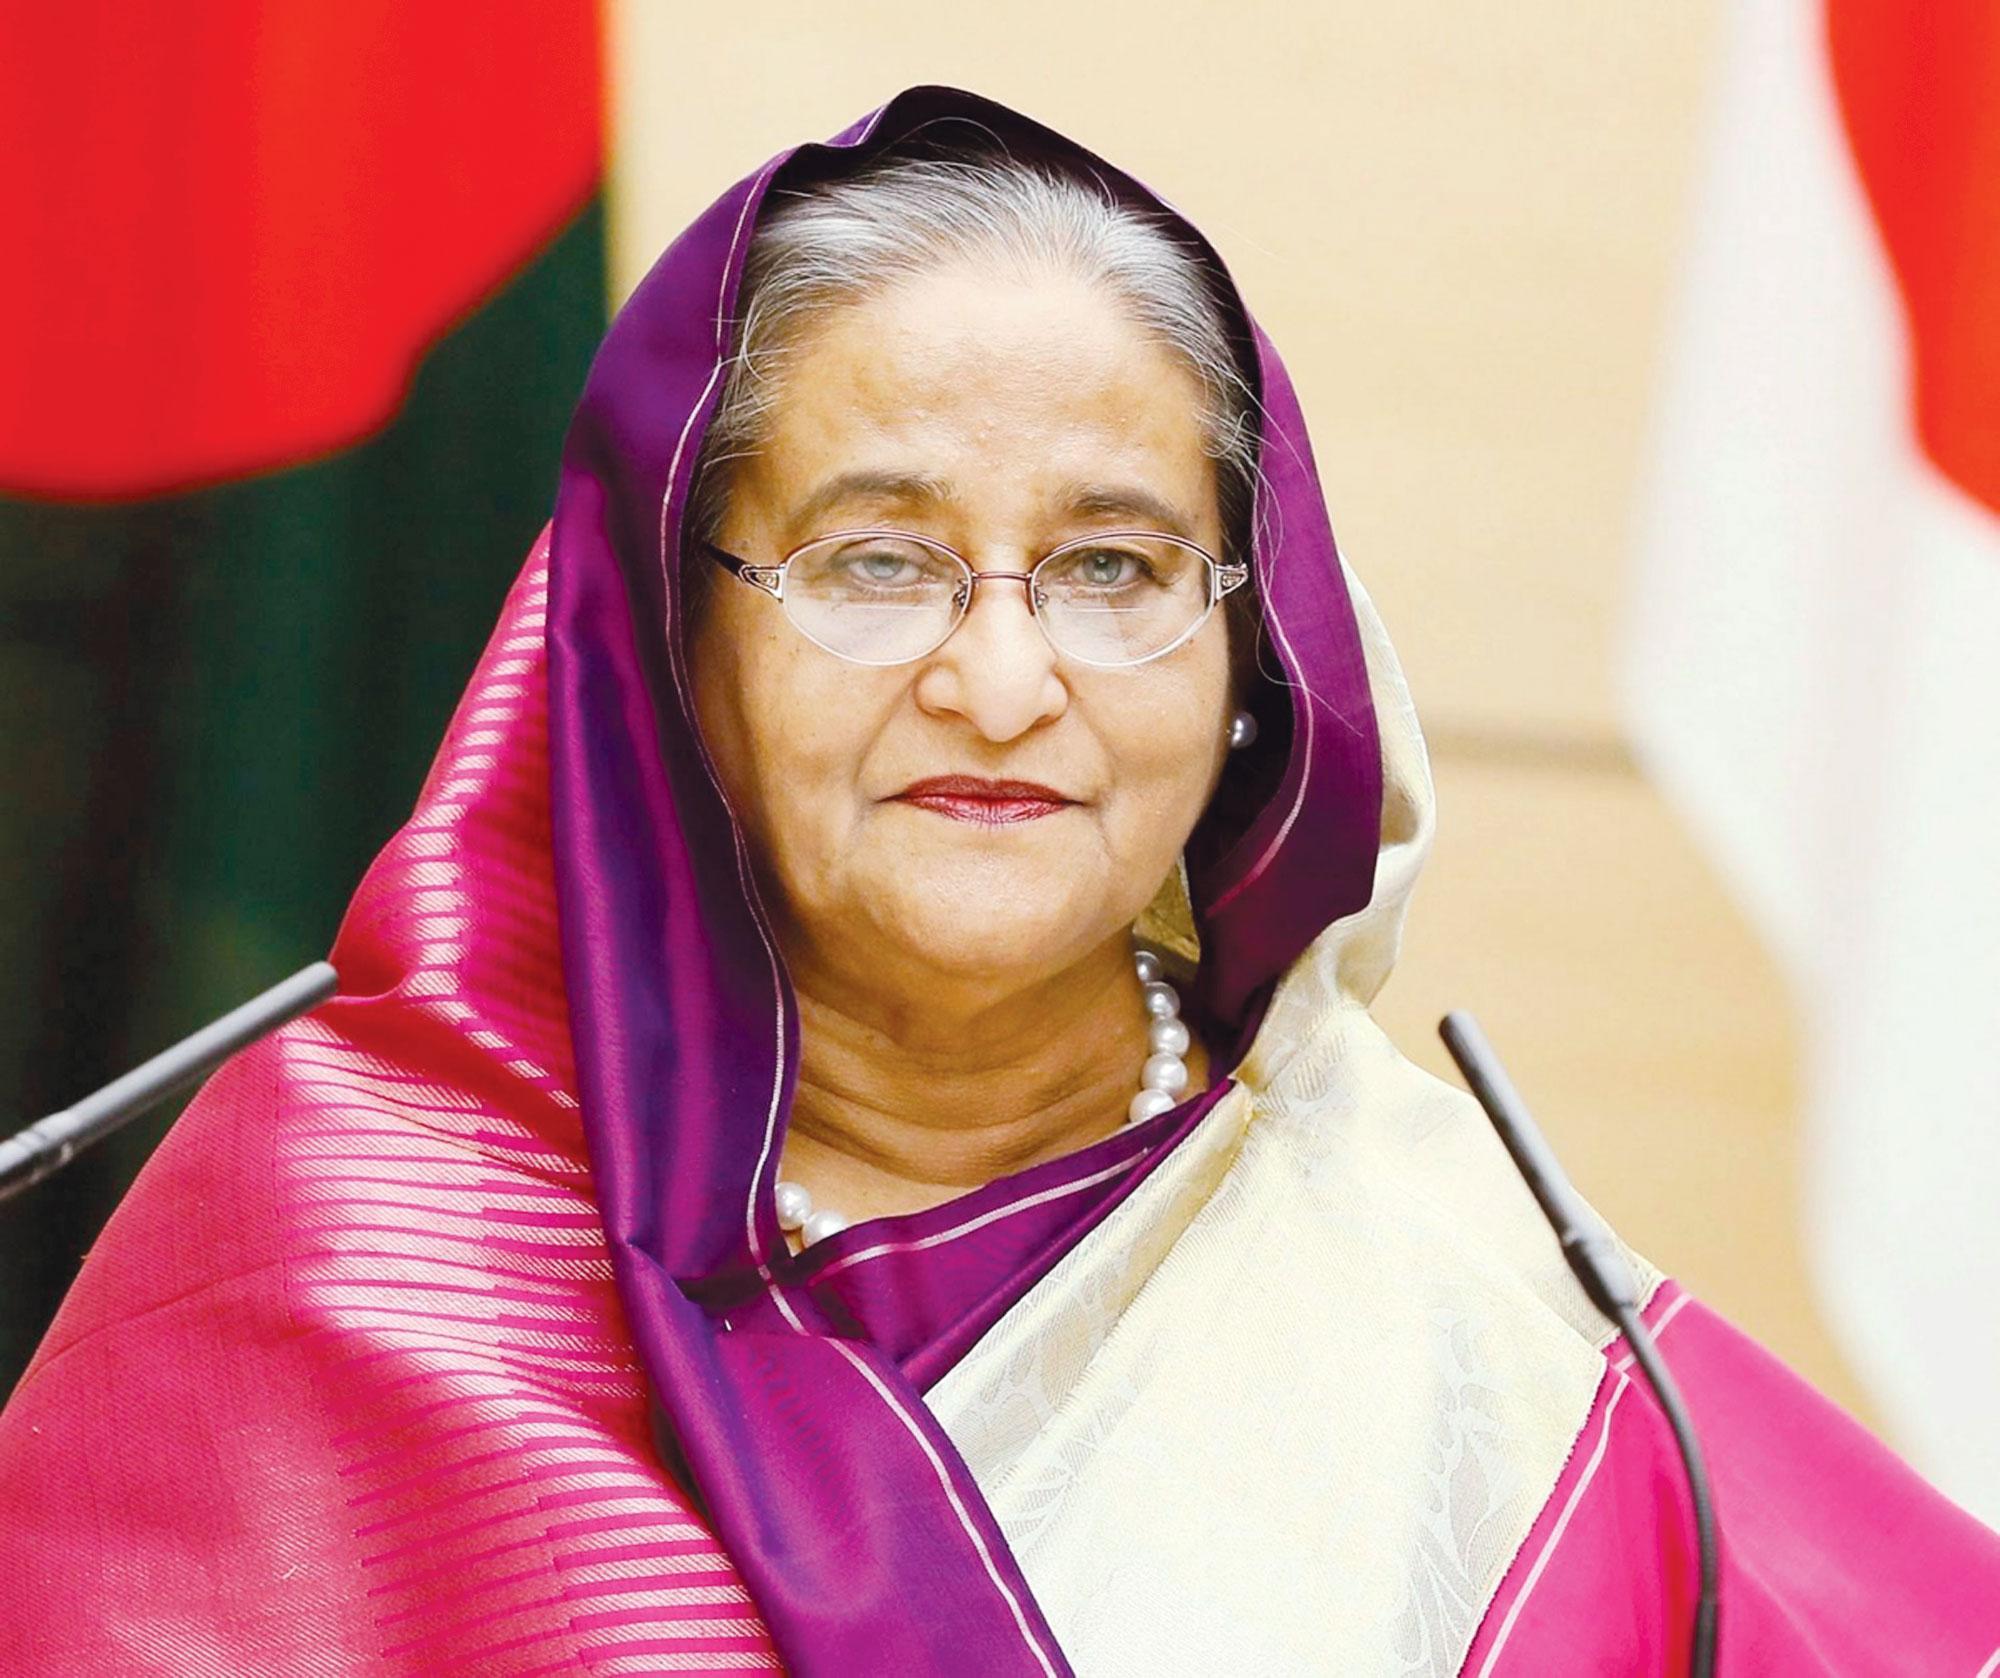 মালদ্বীপের রাষ্ট্রপতিকে 'হাঁড়িভাঙা' আম পাঠালেন প্রধানমন্ত্রী